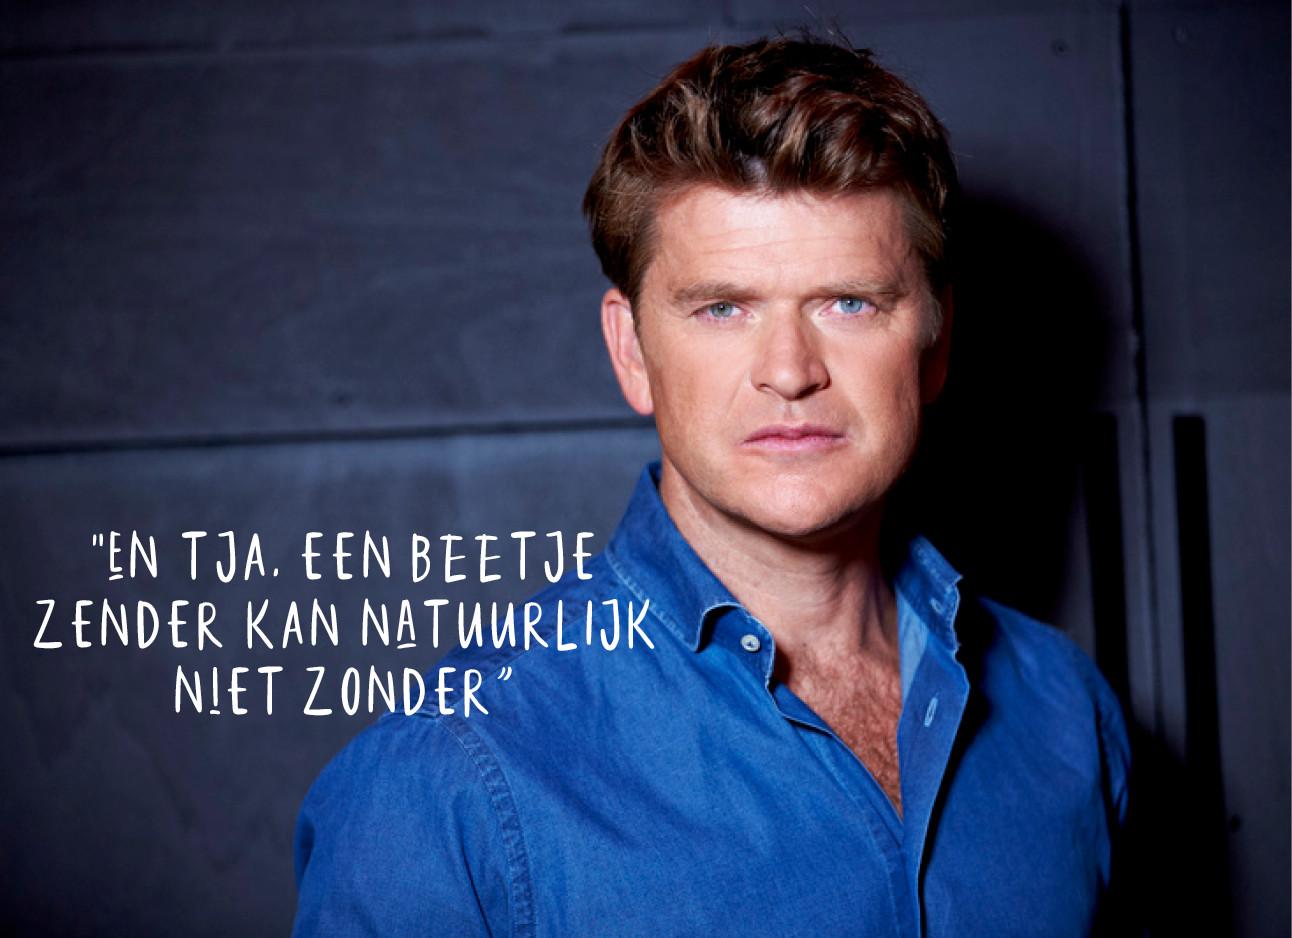 tv personality Beau van Erven Dorens in een blauw overhemd voor een donkere muur